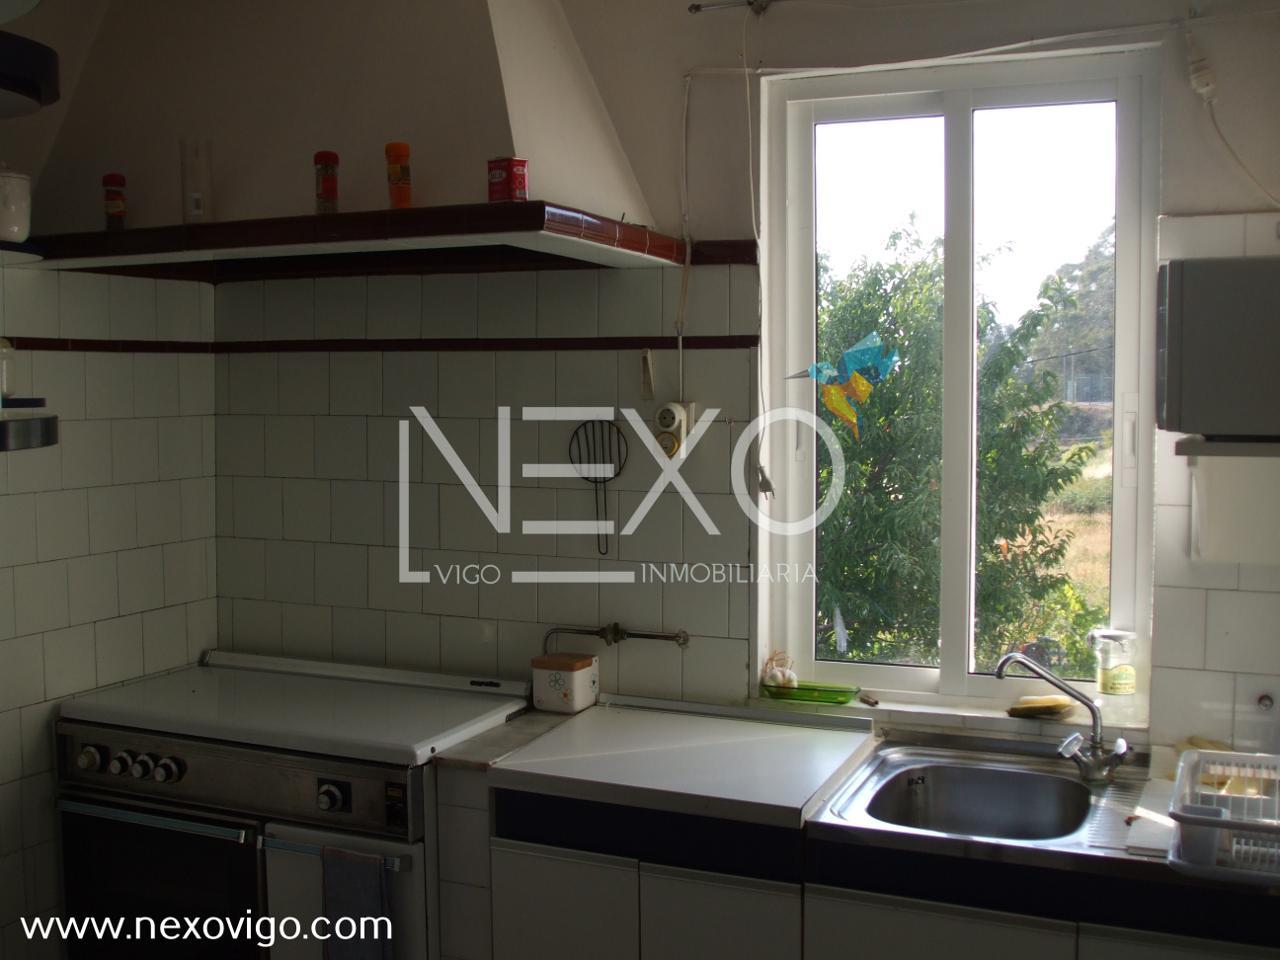 Nexo vigo inmobiliaria casa chalet en venta en bueu de 150 m2 - Telefono casa del libro vigo ...